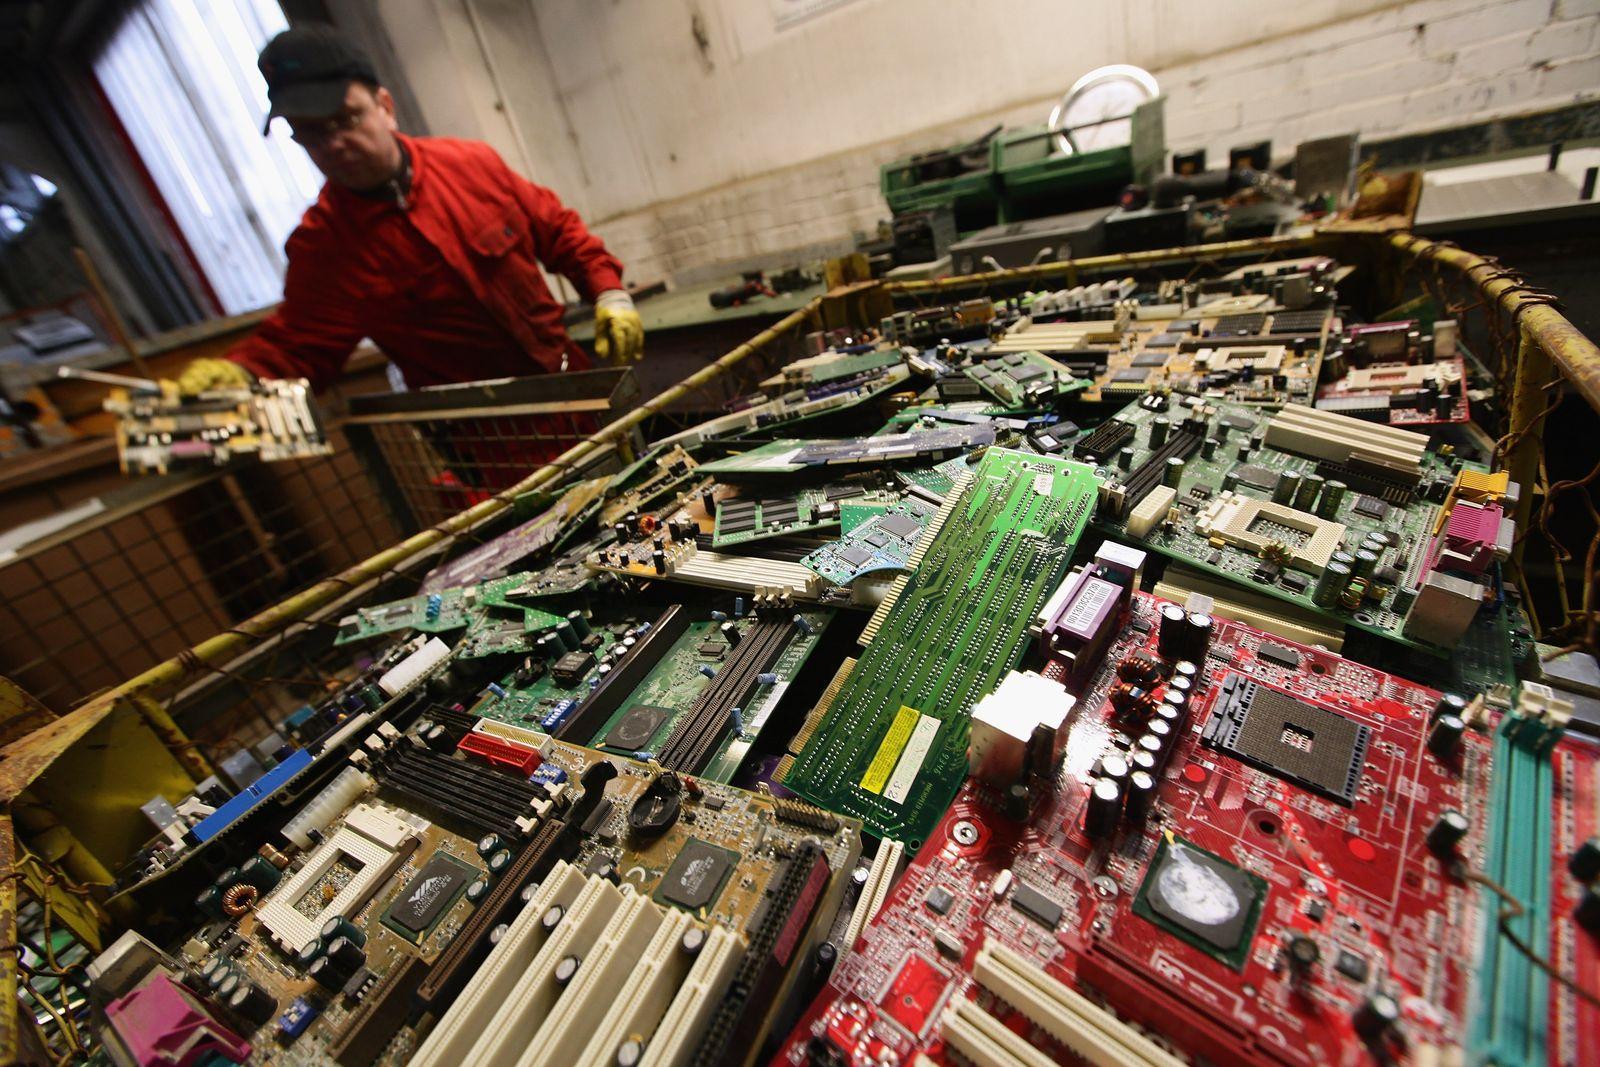 Elektroschrott / Recycling